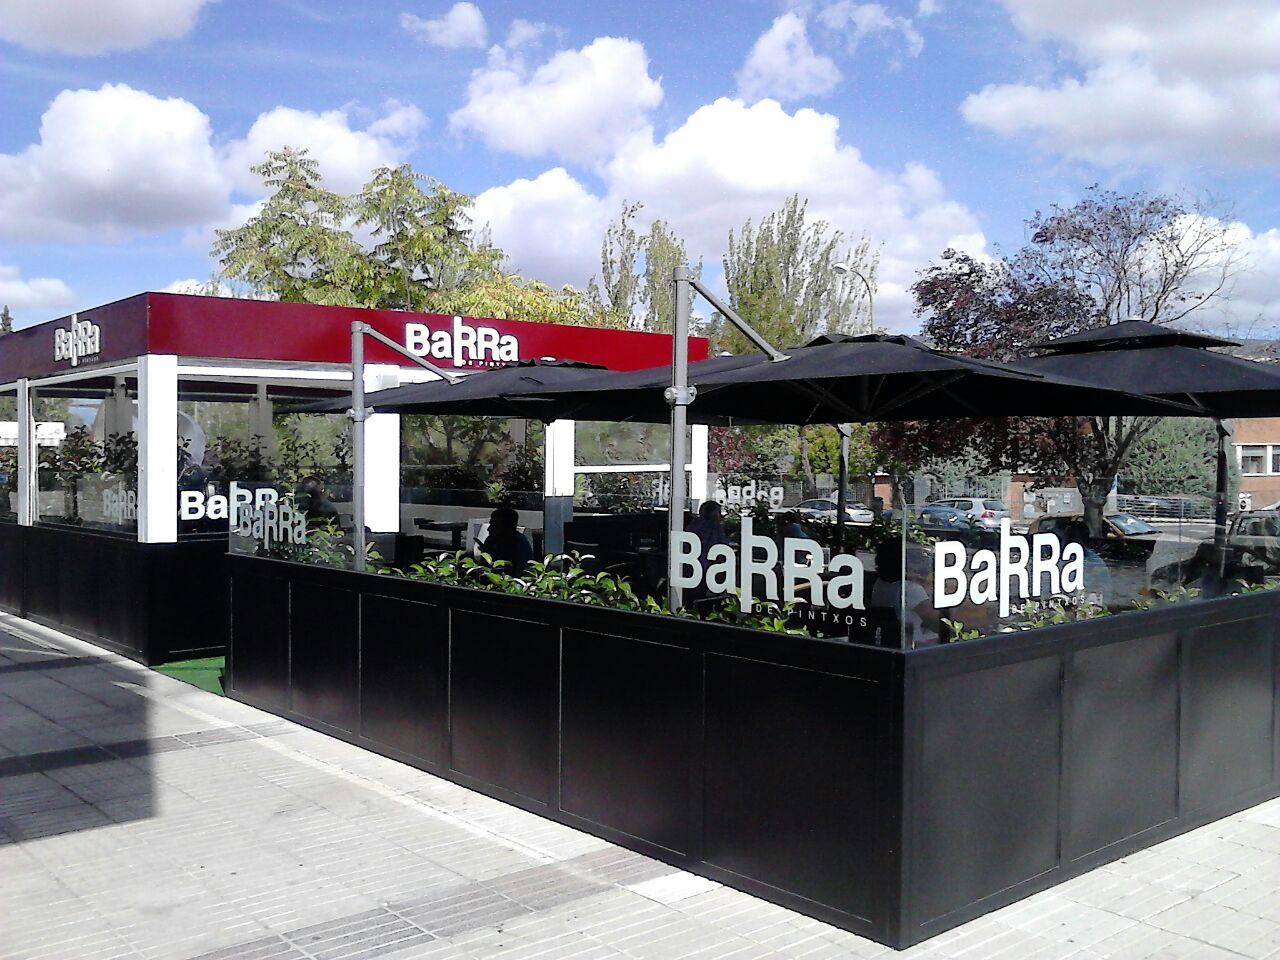 barra_mirasierra